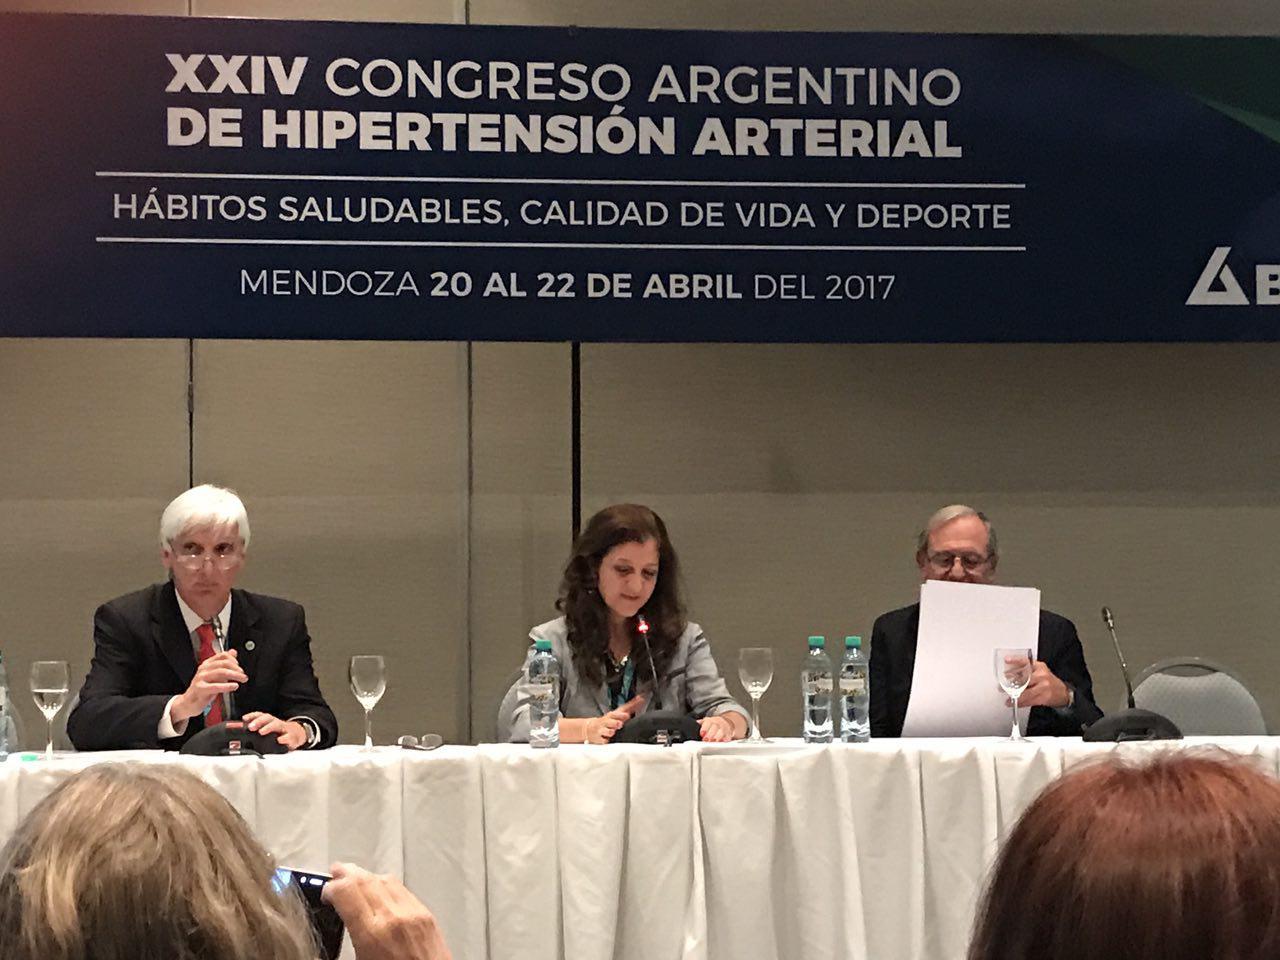 Dra. Judith Zilberman, Coordinadora del Grupo FIAI HIPERTENSIÓN asumiendo la Presidencia de SAHA